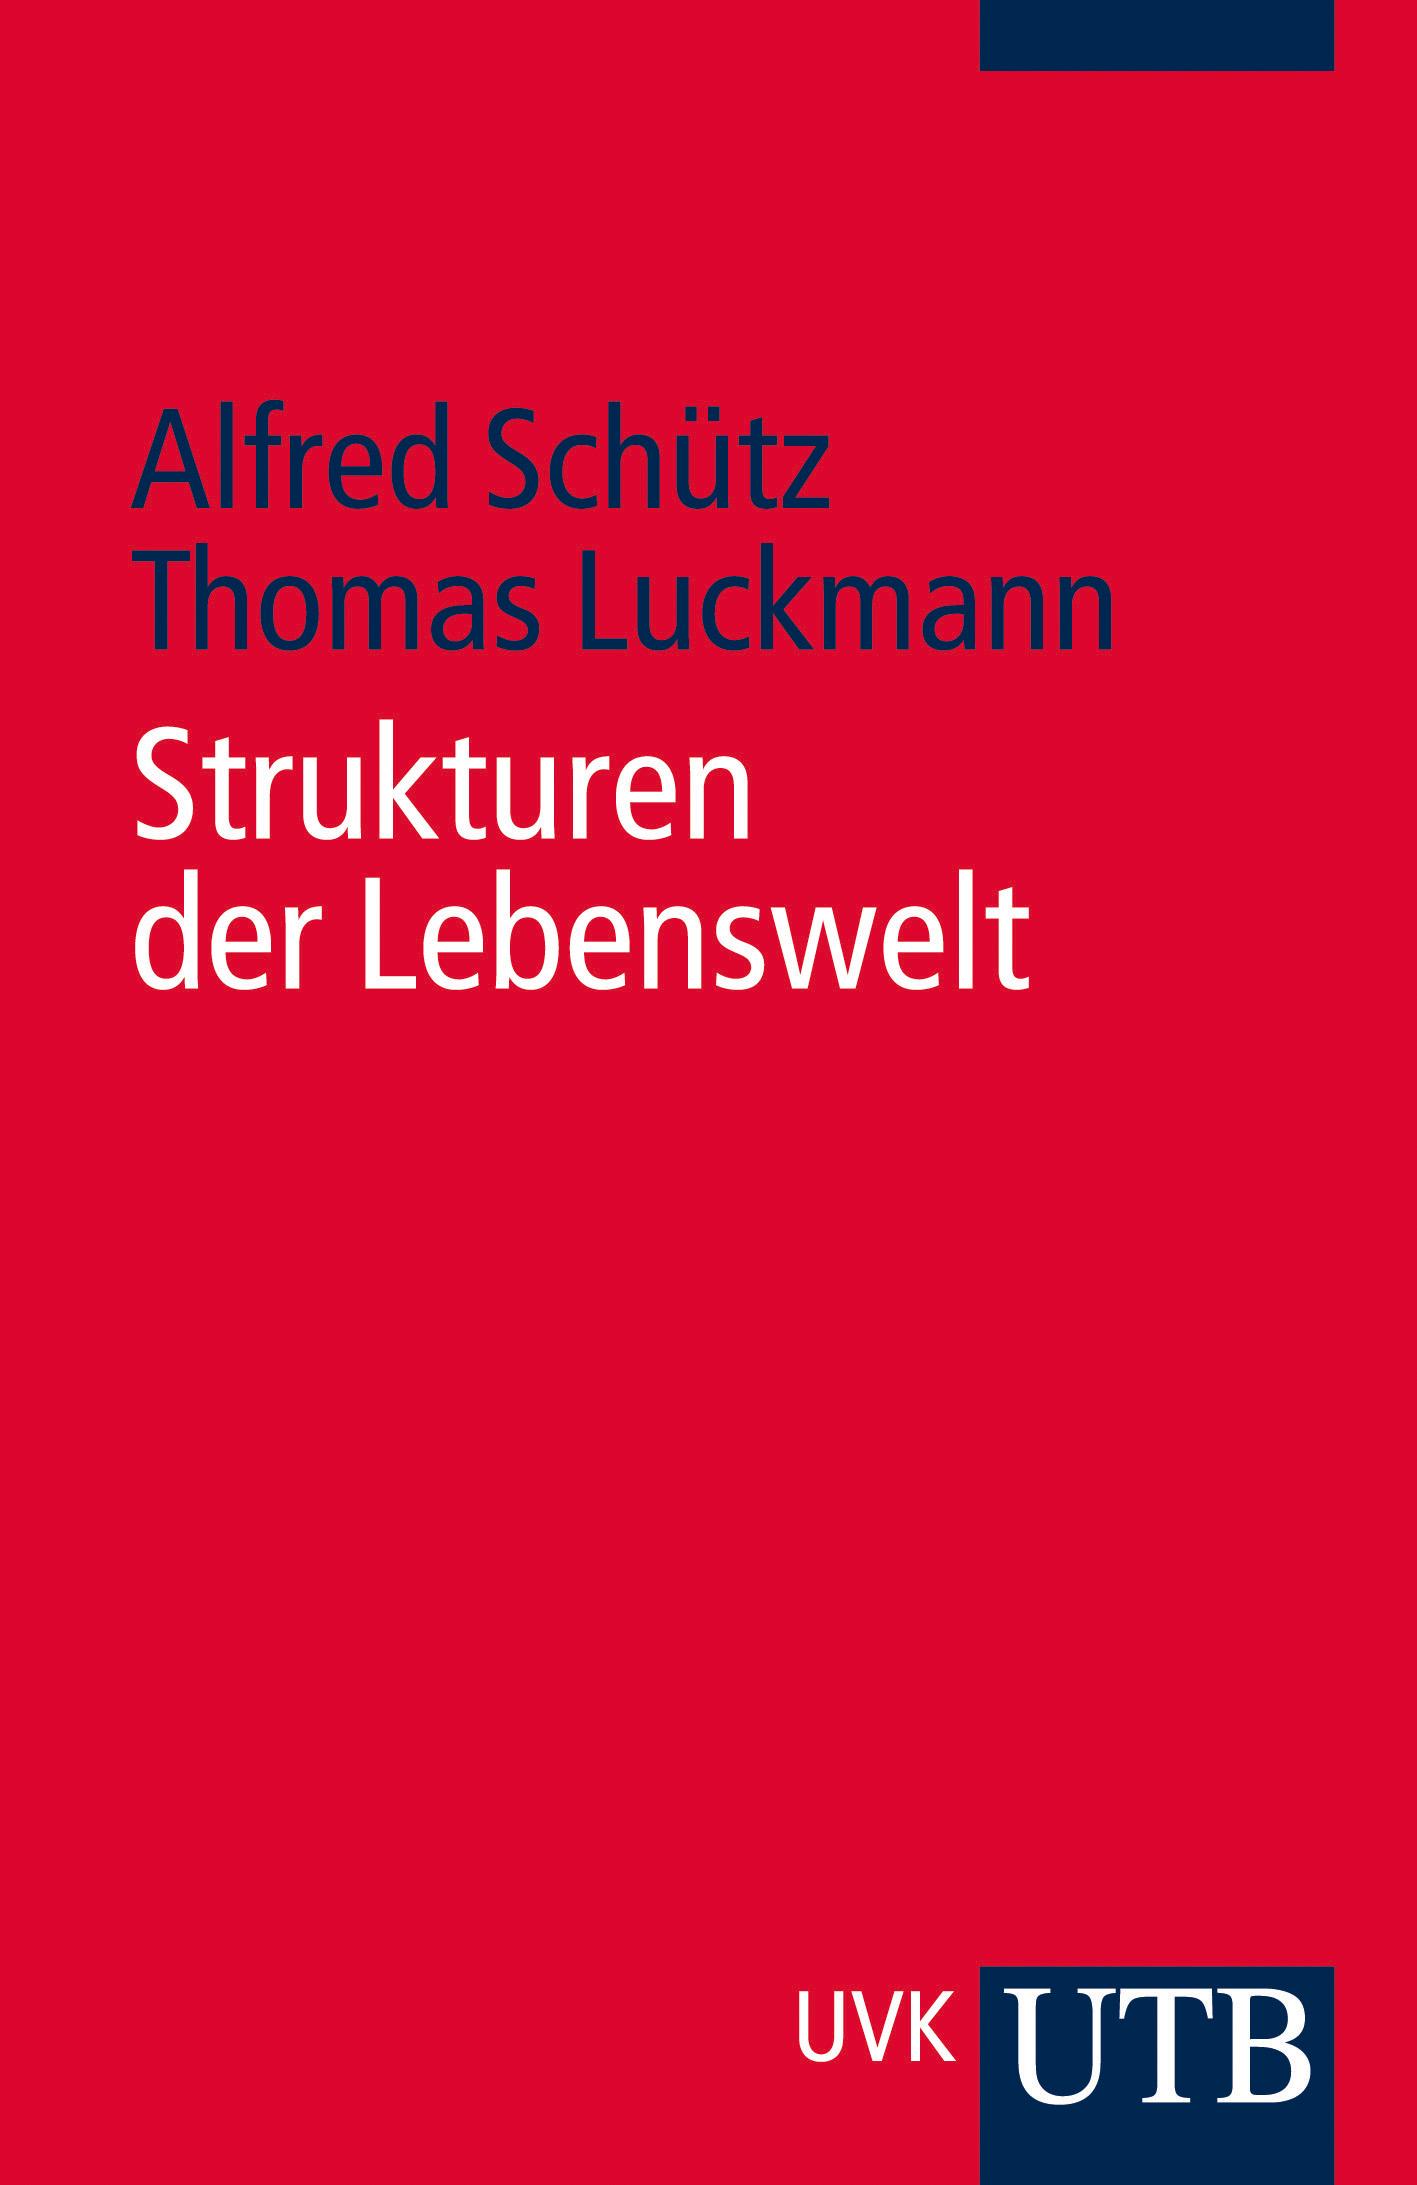 Strukturen der Lebenswelt (Uni-Taschenbücher S) - Thomas Luckmann